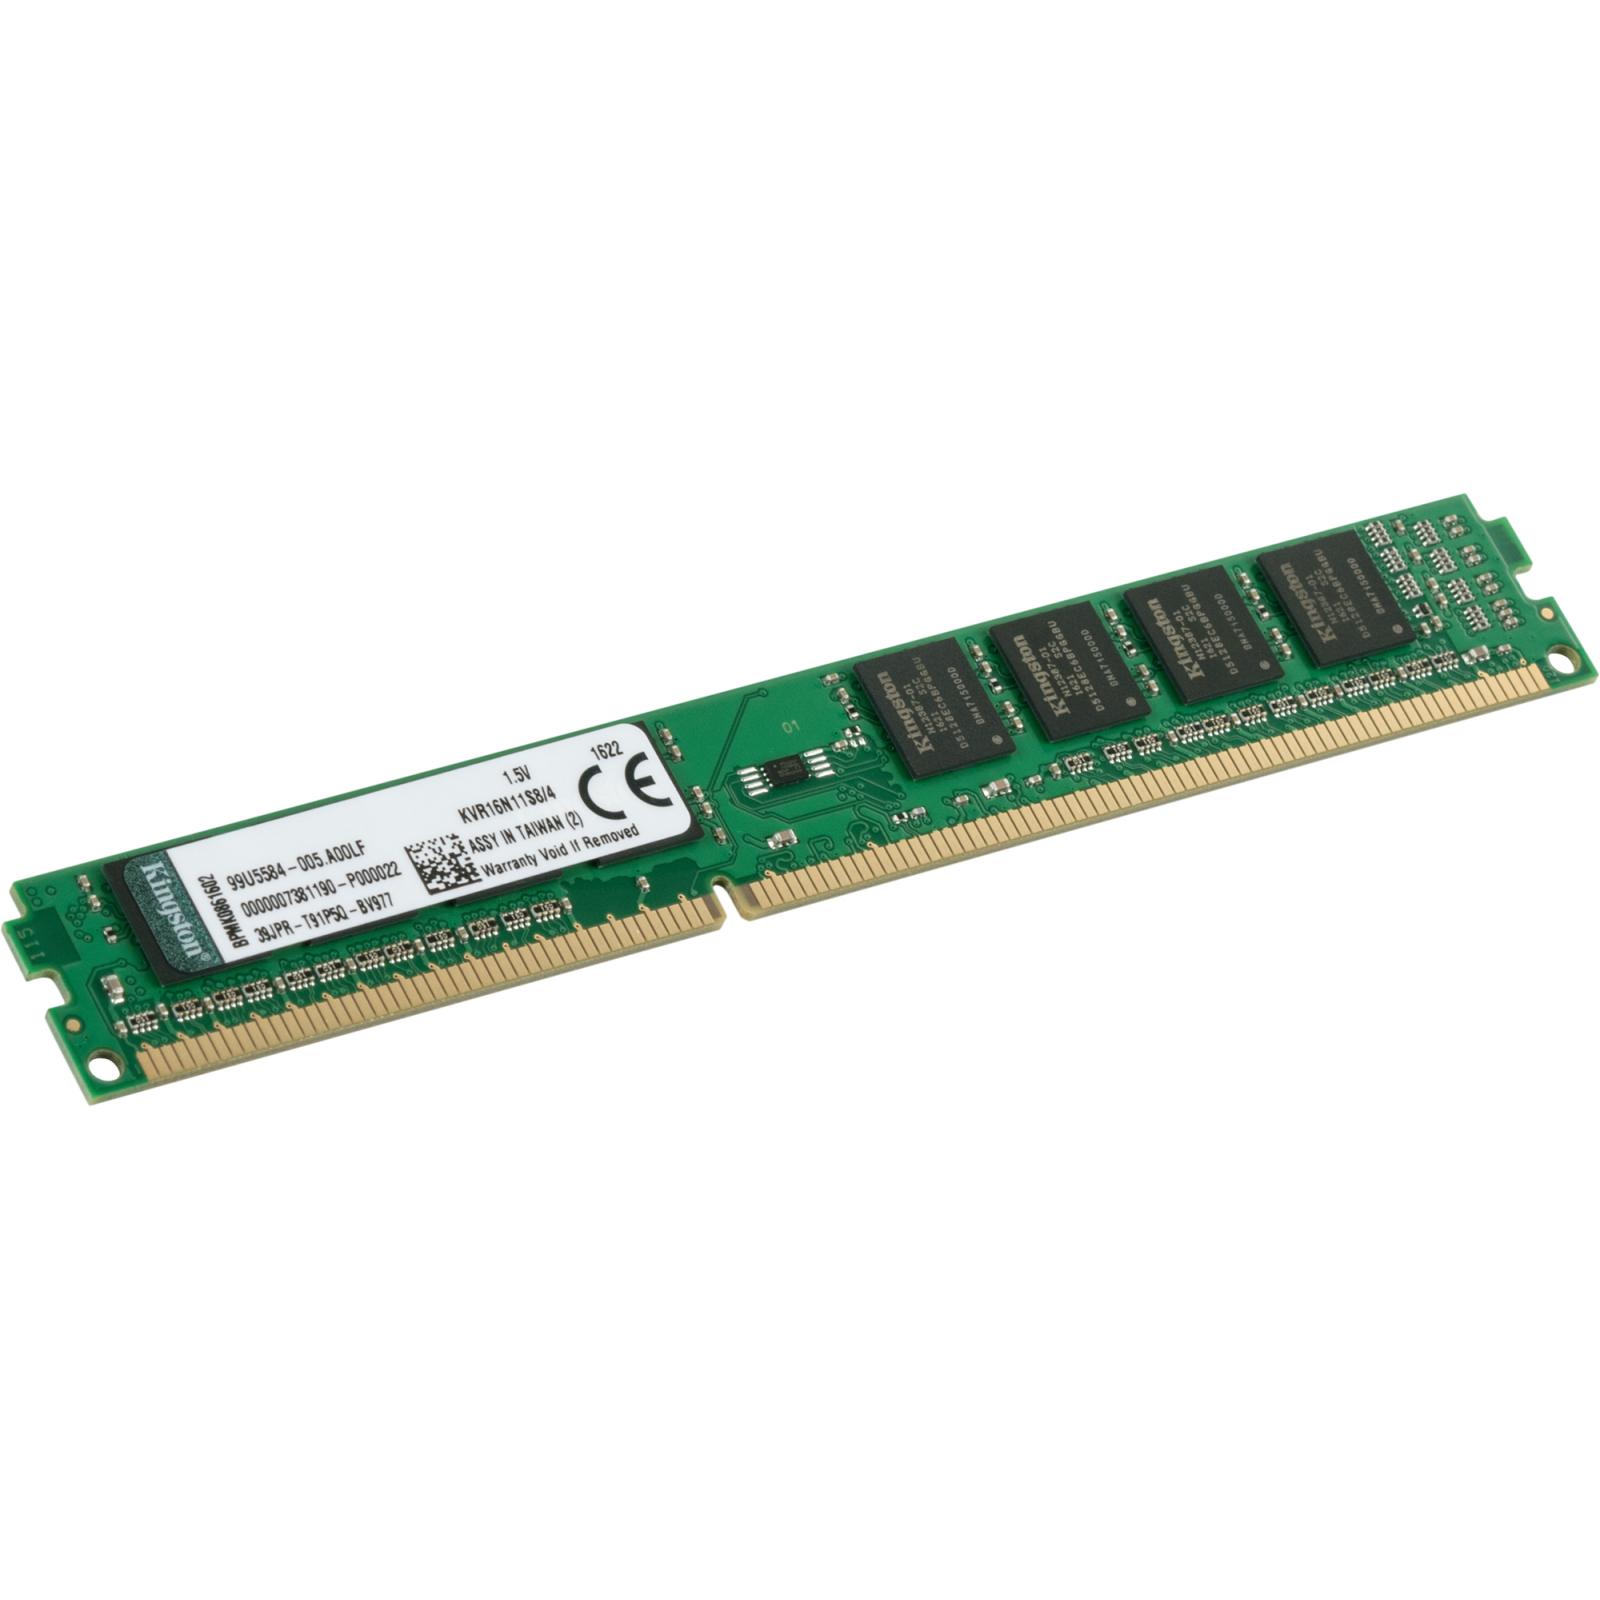 Модуль памяти для компьютера DDR3 4GB 1600 MHz Kingston (KVR16N11S8/4) изображение 2